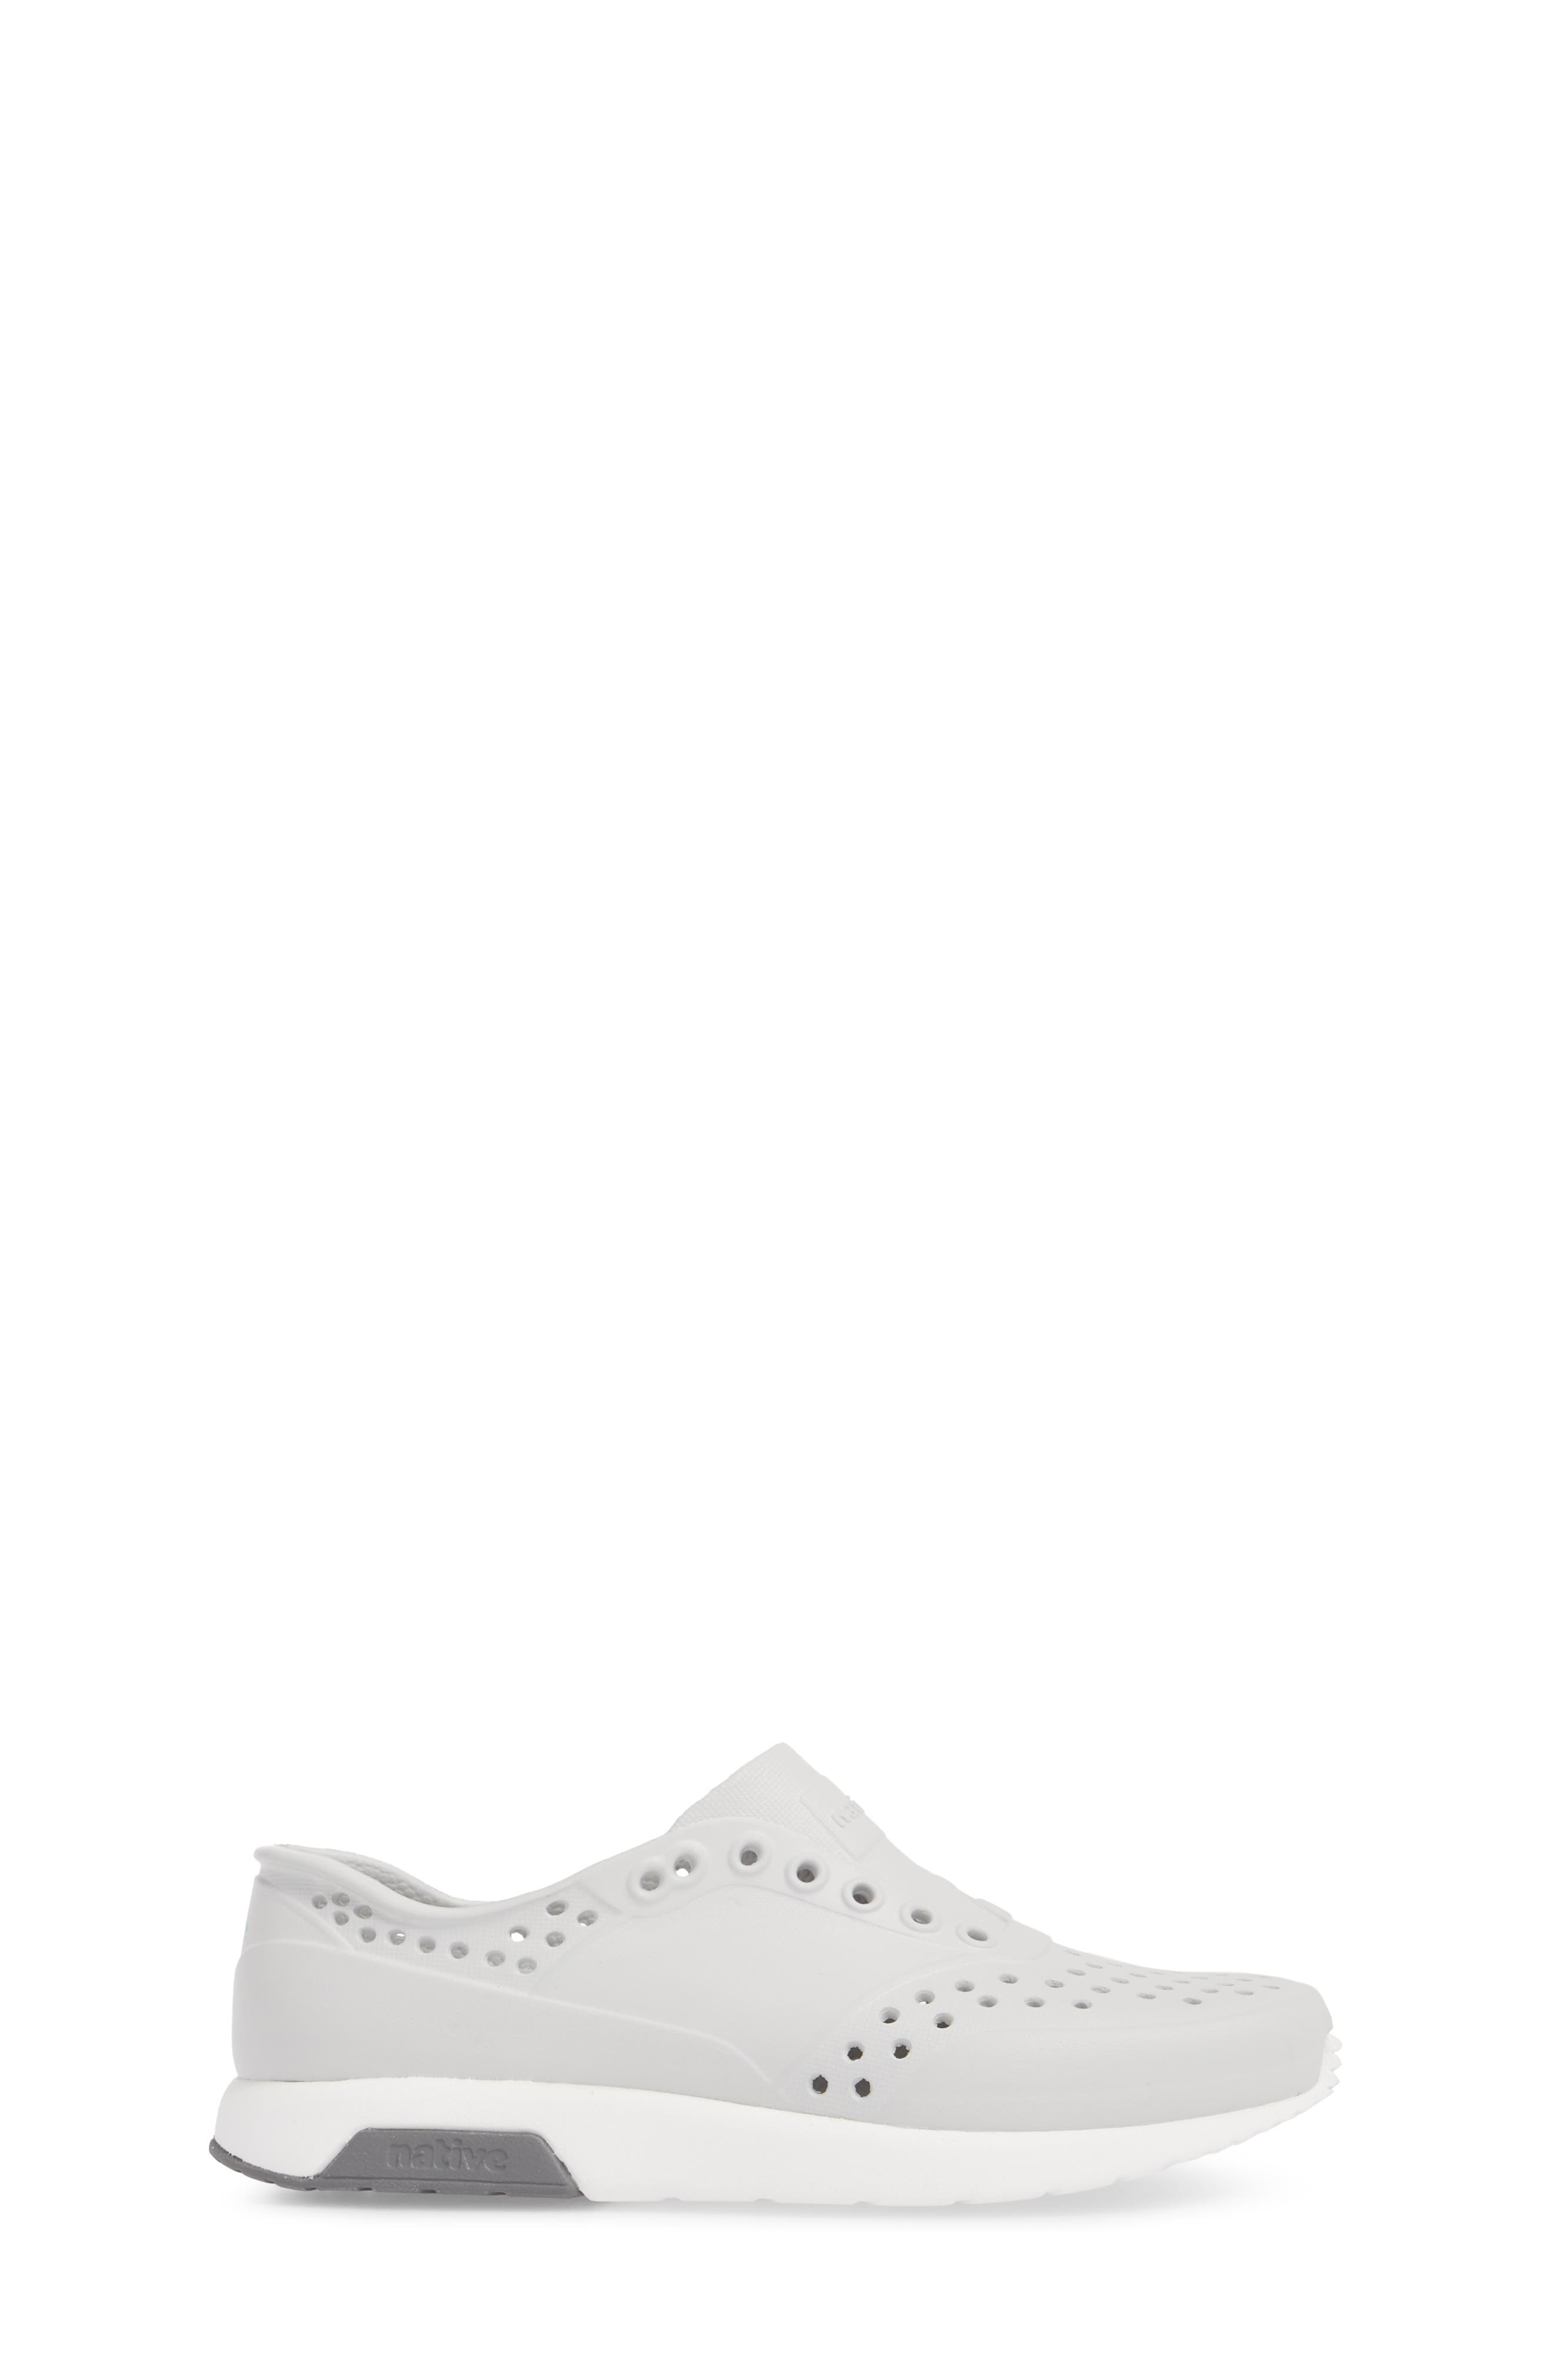 Lennox Slip-On Sneaker,                             Alternate thumbnail 3, color,                             022